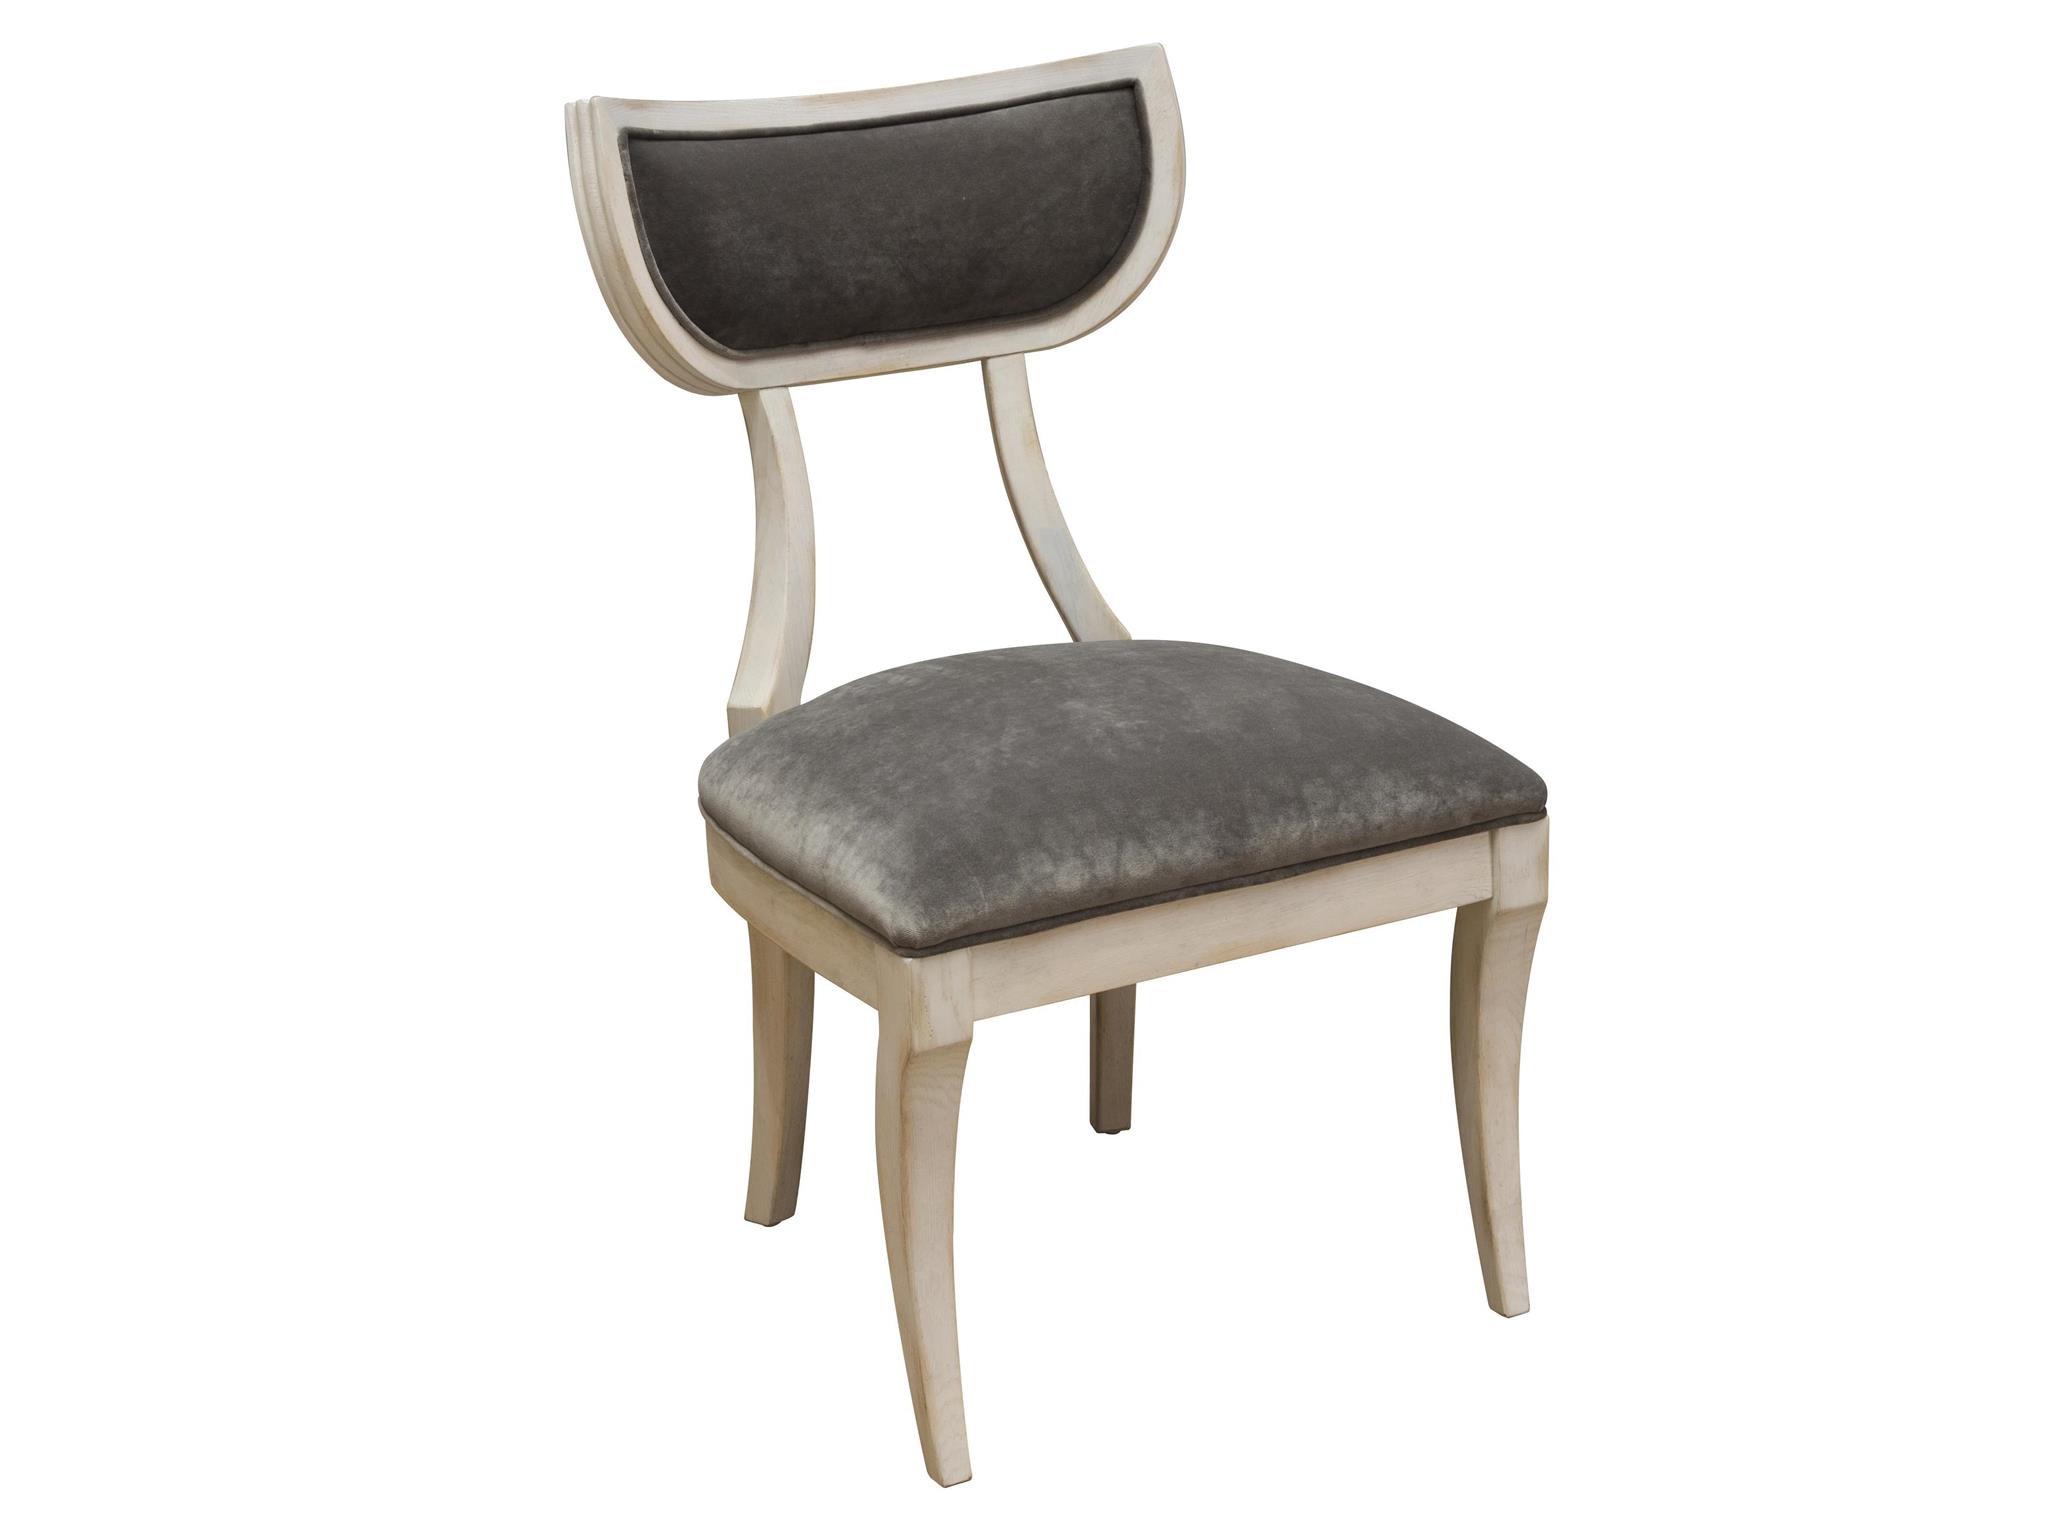 Fine Furniture Design Mina Side Chair 1581 820